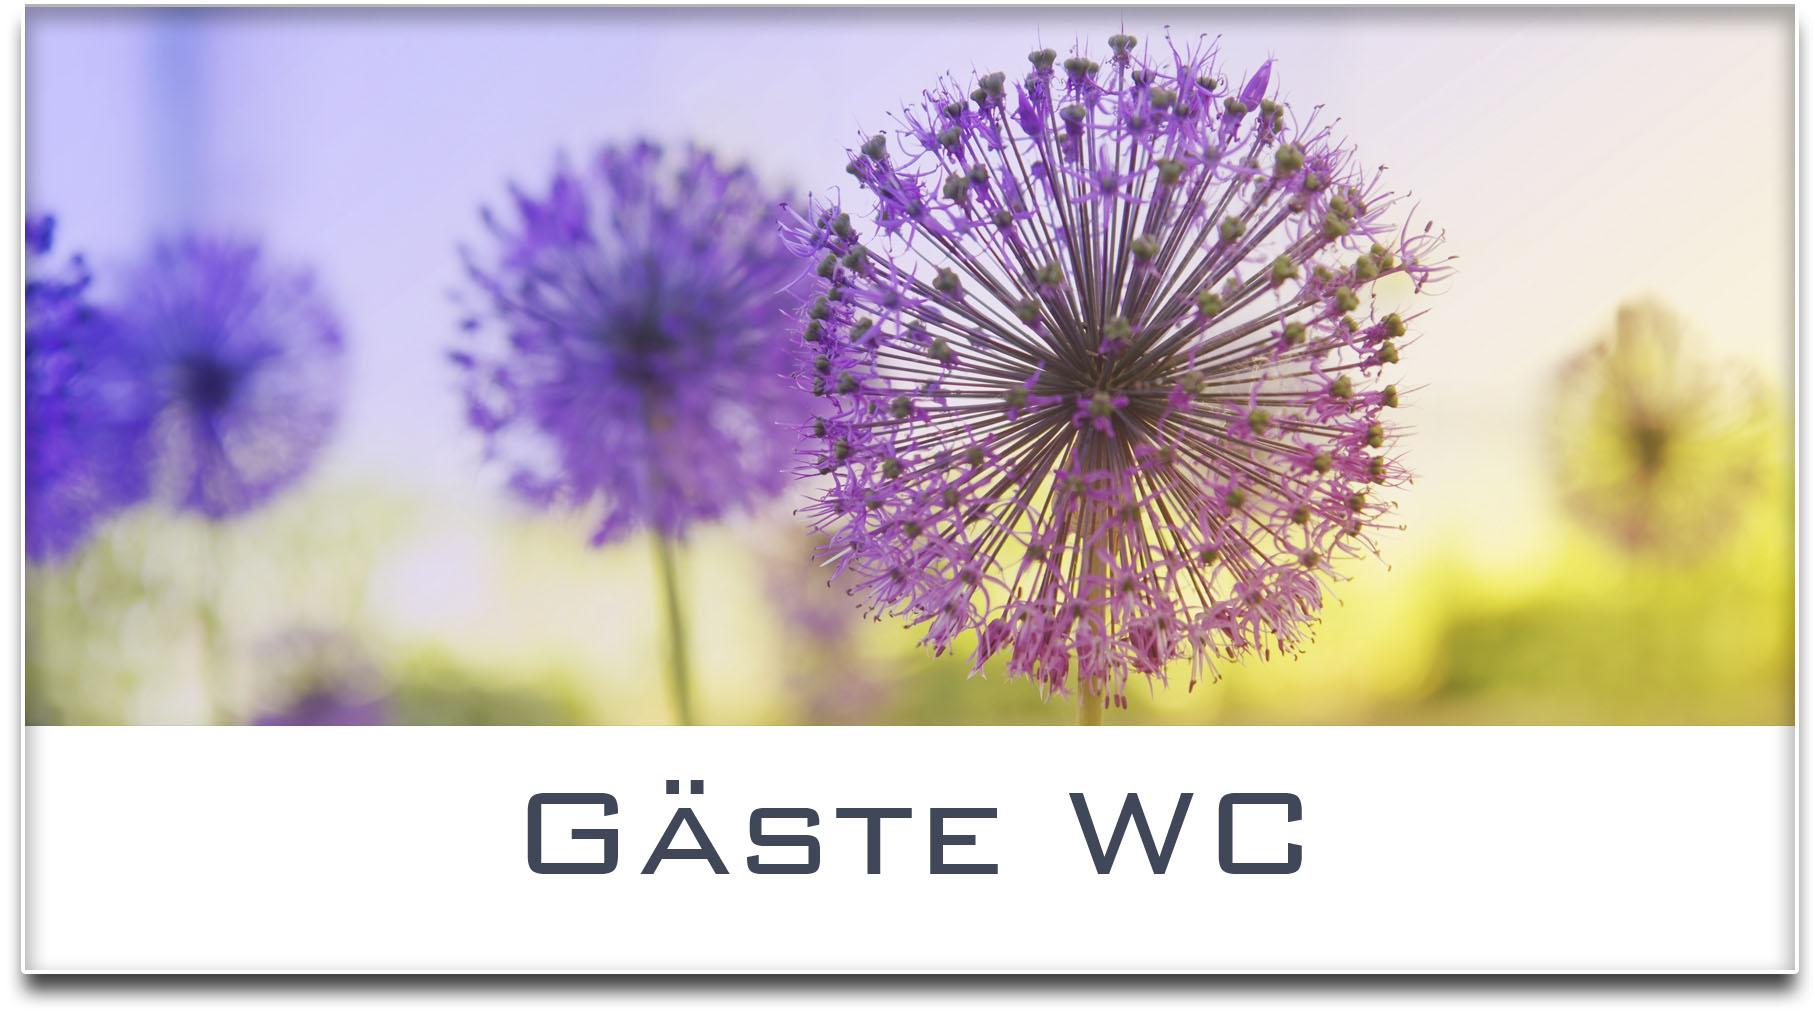 Türschild / Haustürschild / Blume / Gäste WC / Selbstklebend